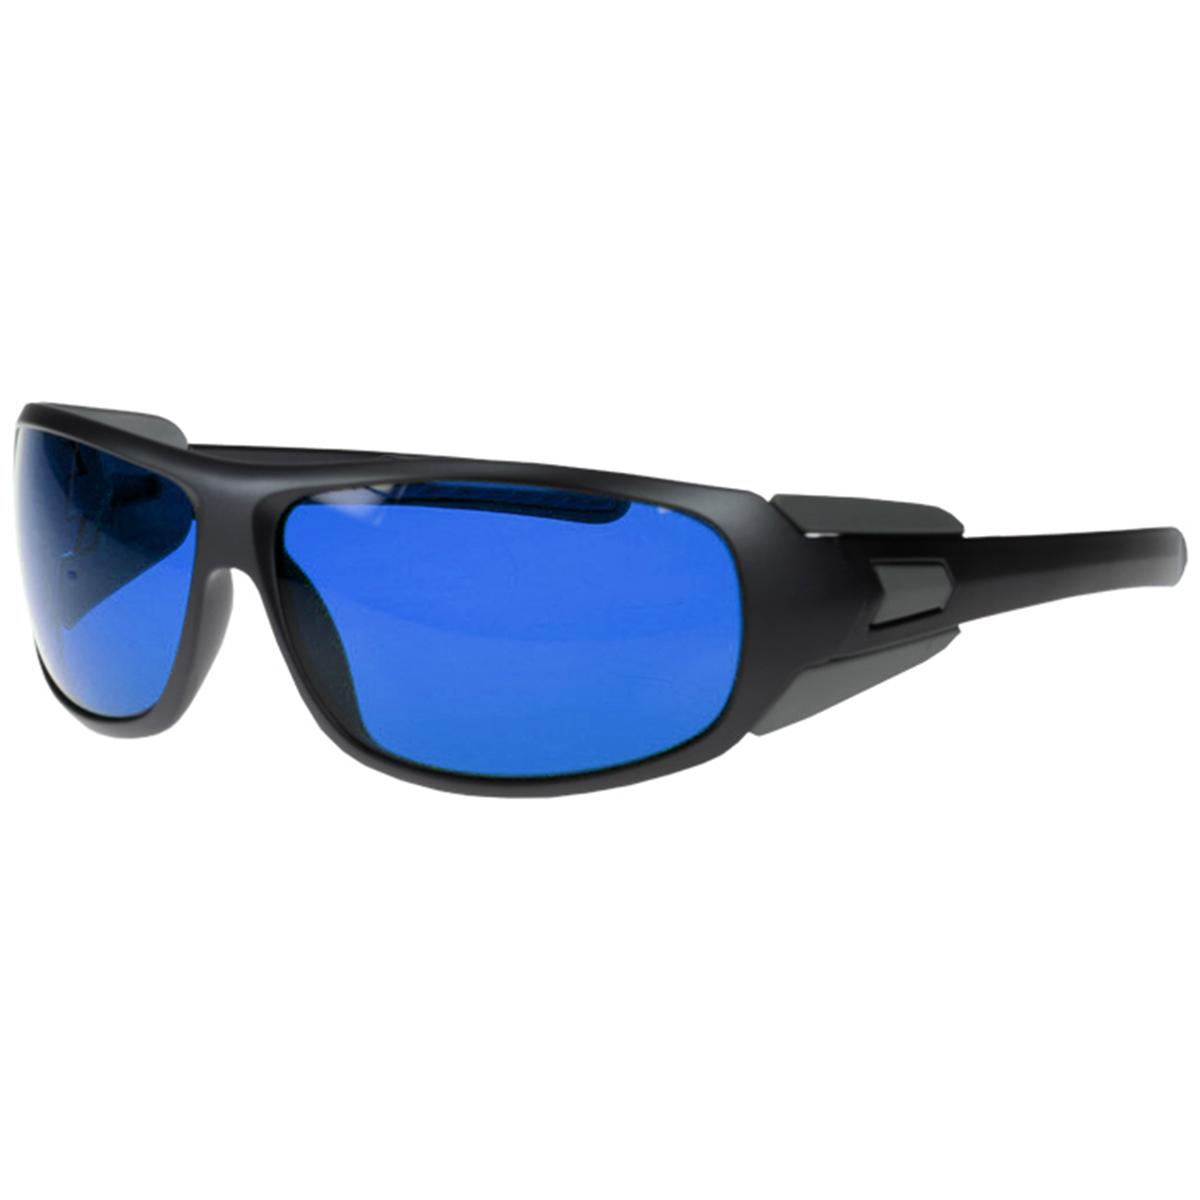 Aqua Aqua Aqua Zander - (Pesca Occhiali da sole polarizzati) 946691